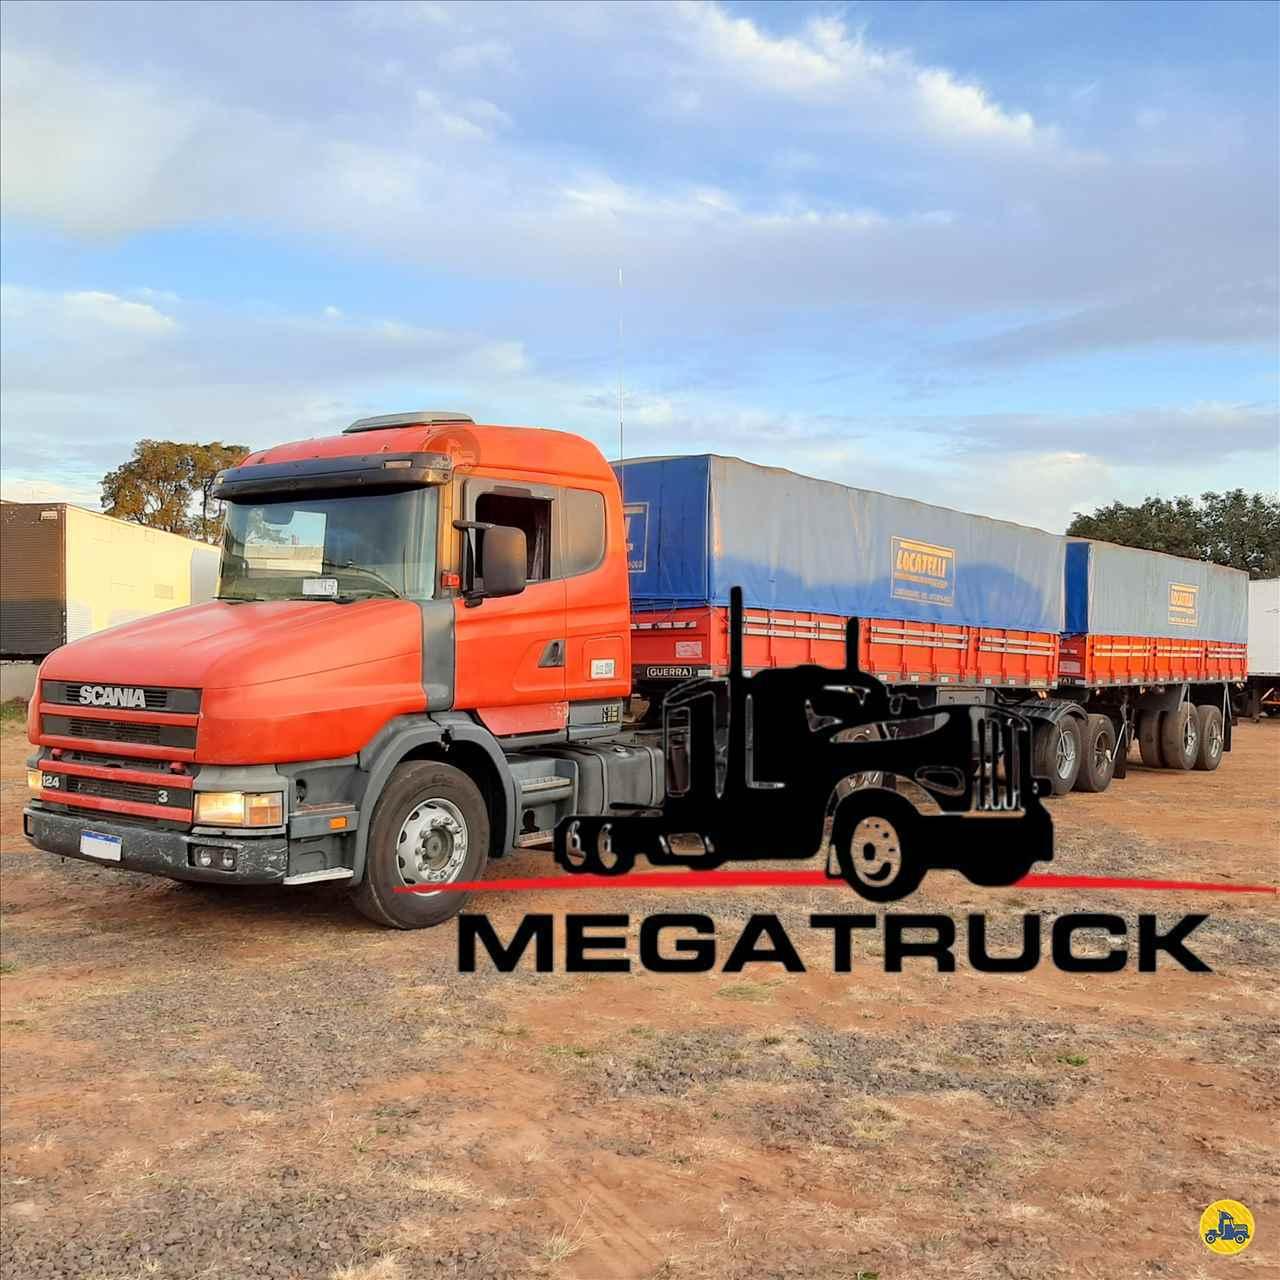 CAMINHAO SCANIA SCANIA 124 360 Cavalo Mecânico Truck 6x2 Megatruck Caminhões e Máquinas CAMPO GRANDE MATO GROSSO DO SUL MS